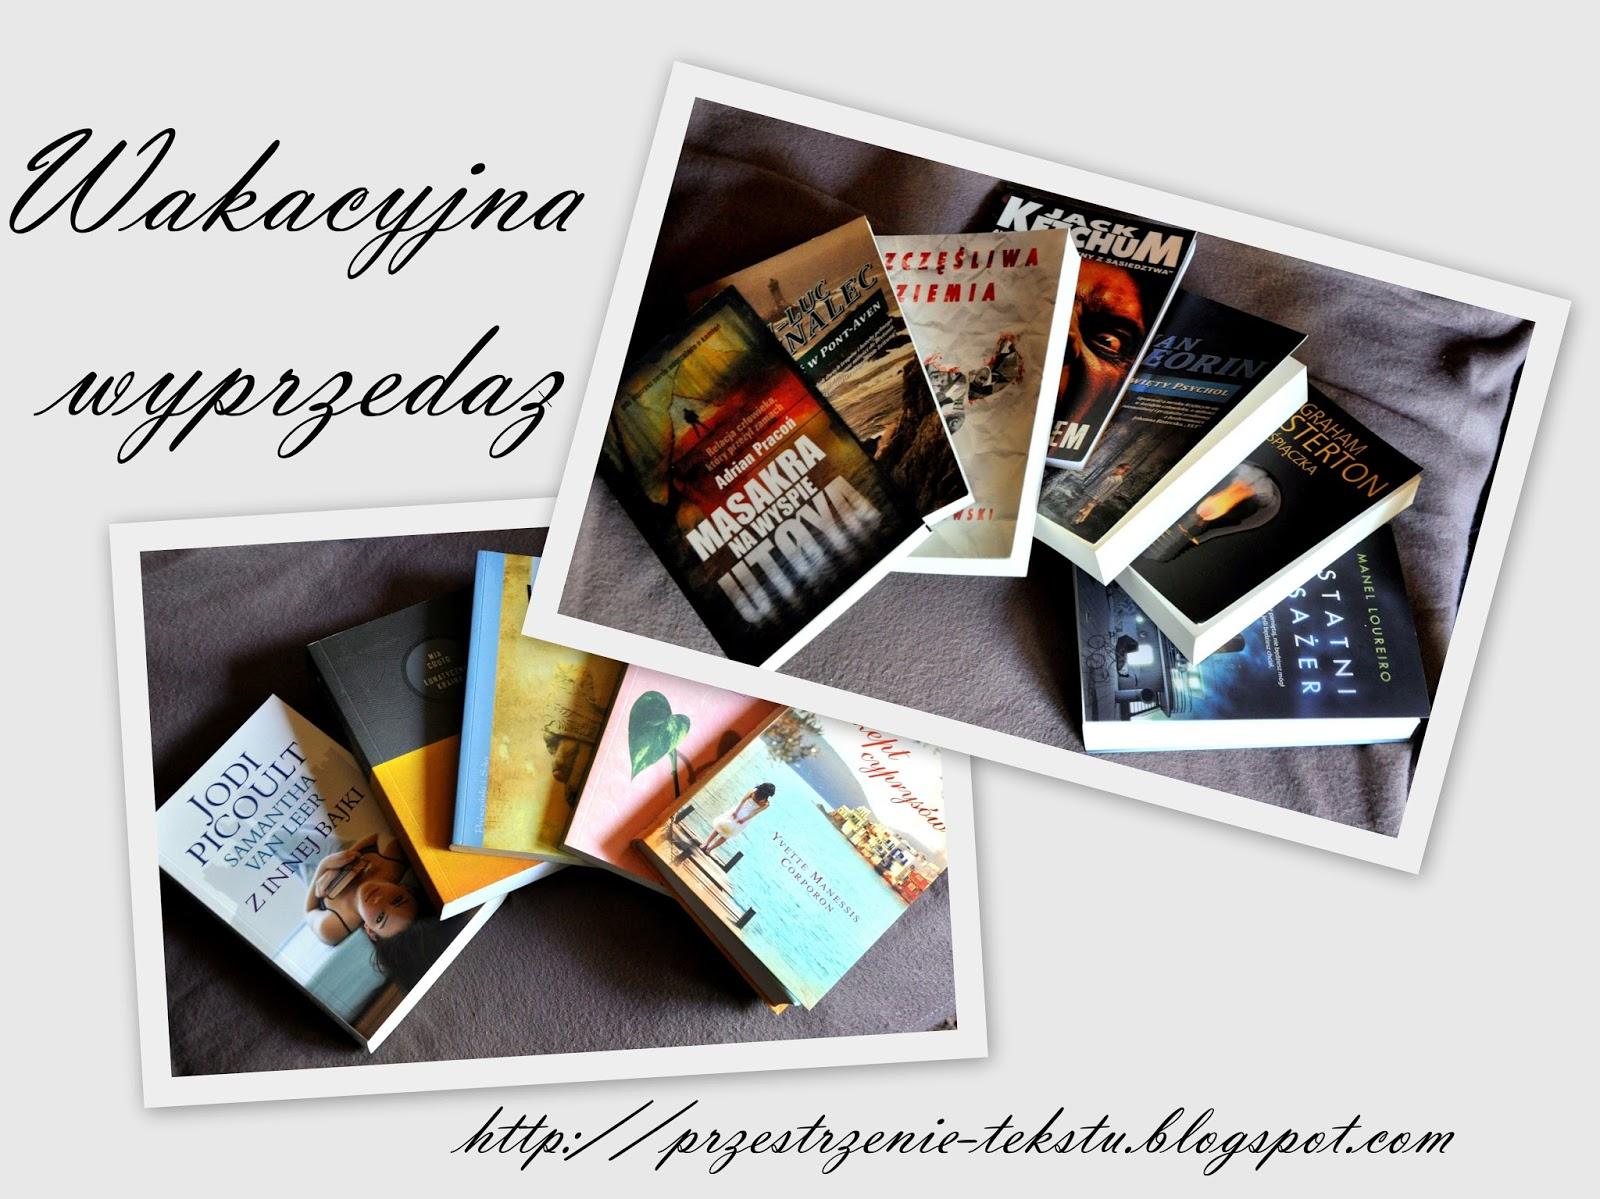 http://przestrzenie-tekstu.blogspot.com/2014/08/wakacyjna-wyprzedaz.html